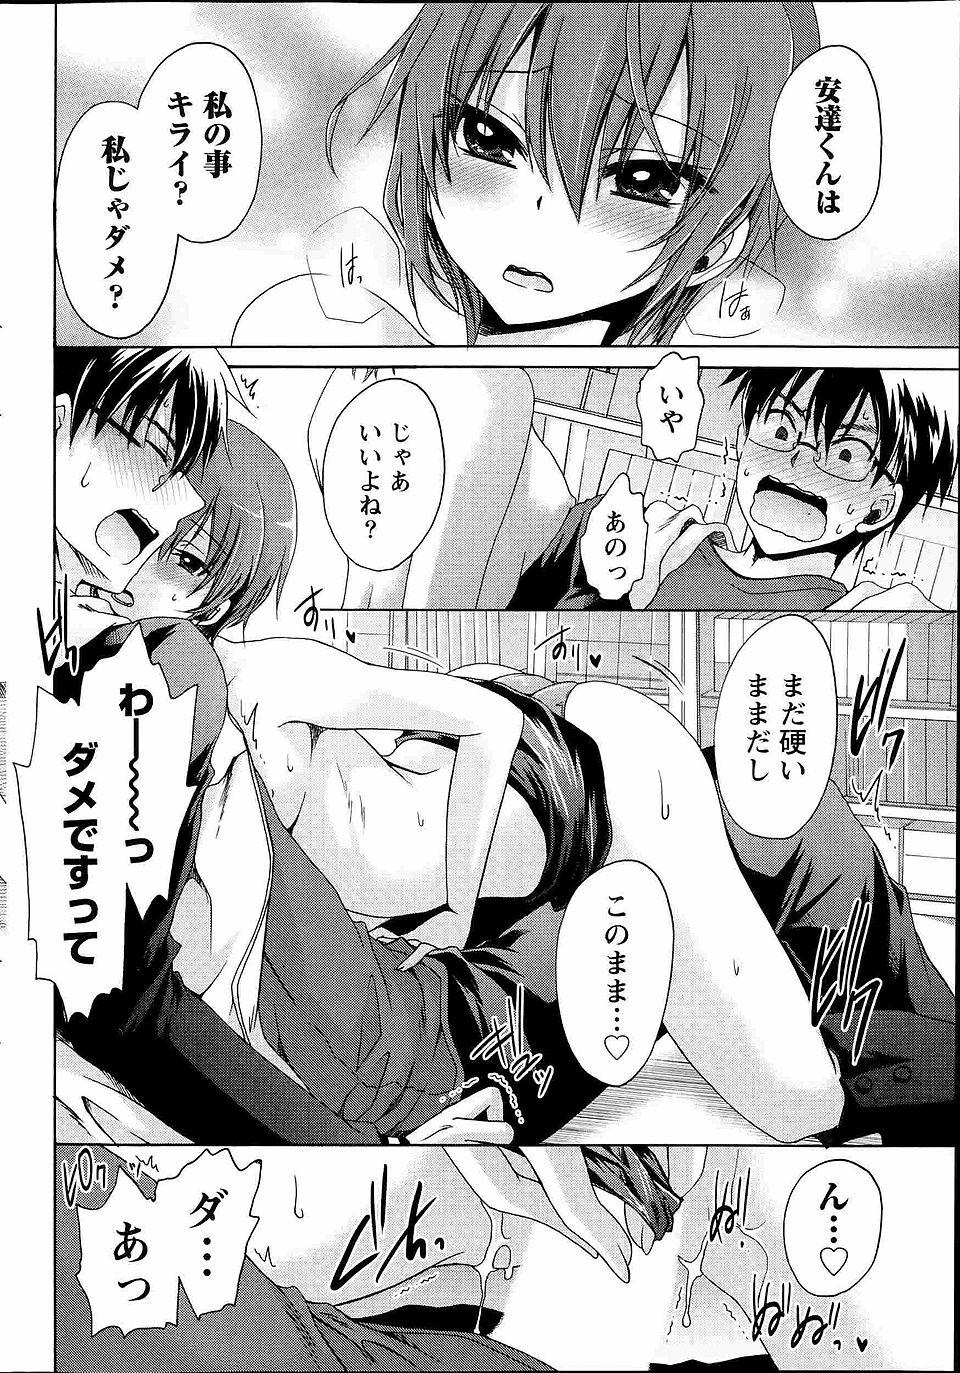 【エロ漫画・エロ同人】ちっぱいの先輩が誘惑してきてフェラチオして来たンゴwww (16)